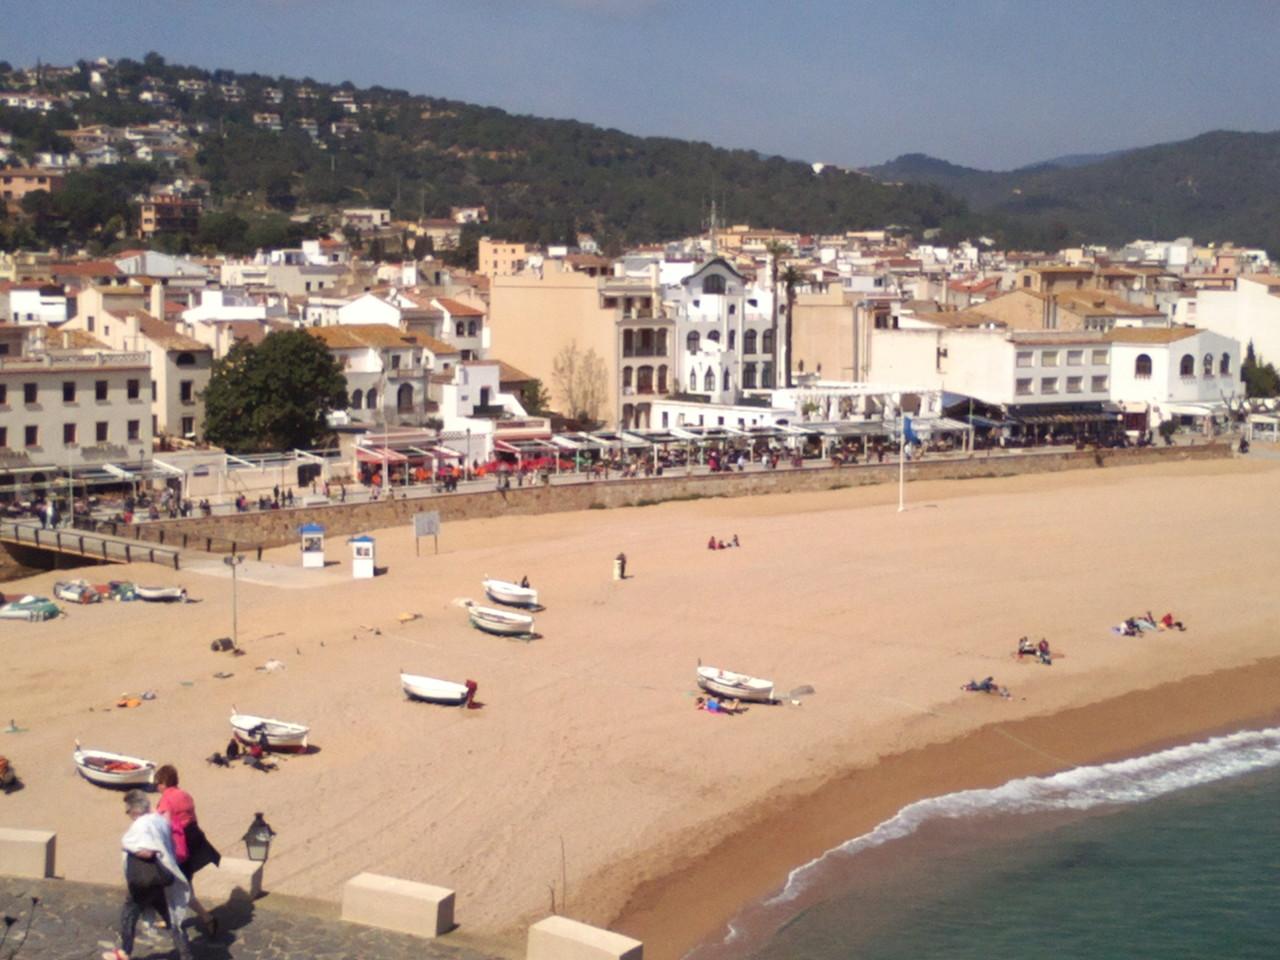 Alquiler de vacaciones en Tossa de Mar, playa gran